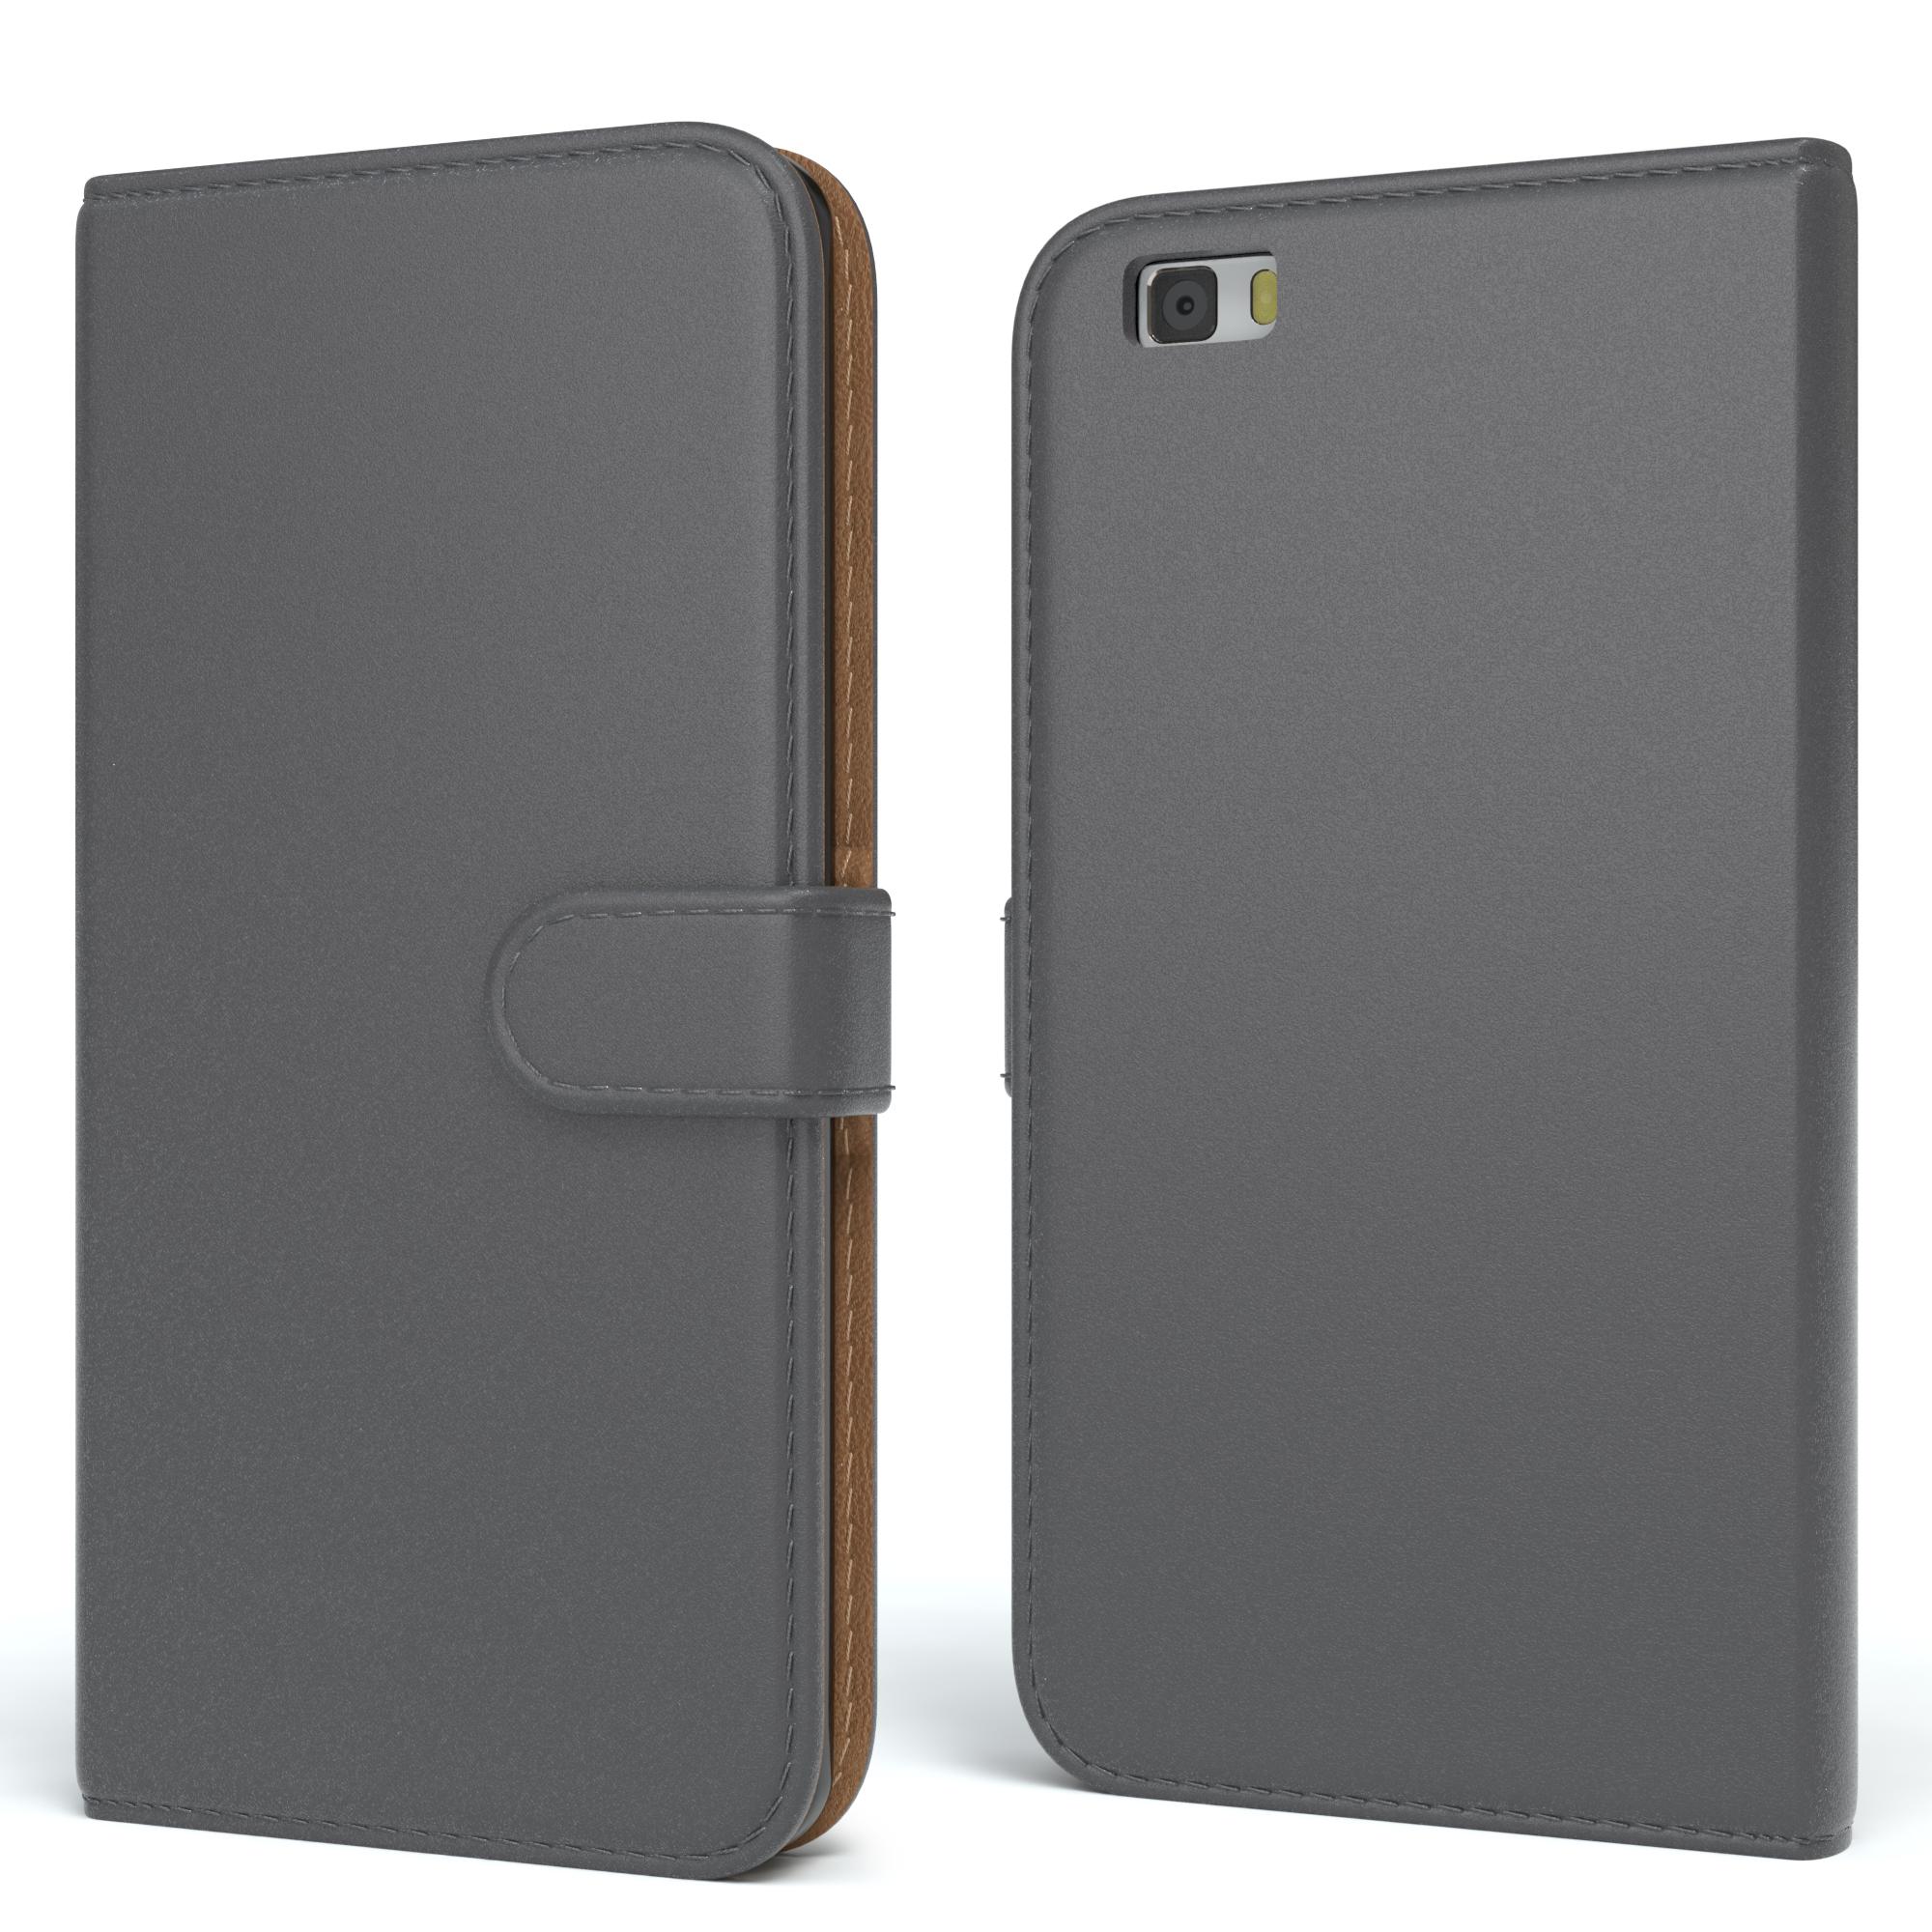 Tasche für Huawei P8 Lite (2015) Case Wallet Schutz Hülle Cover Anthrazit